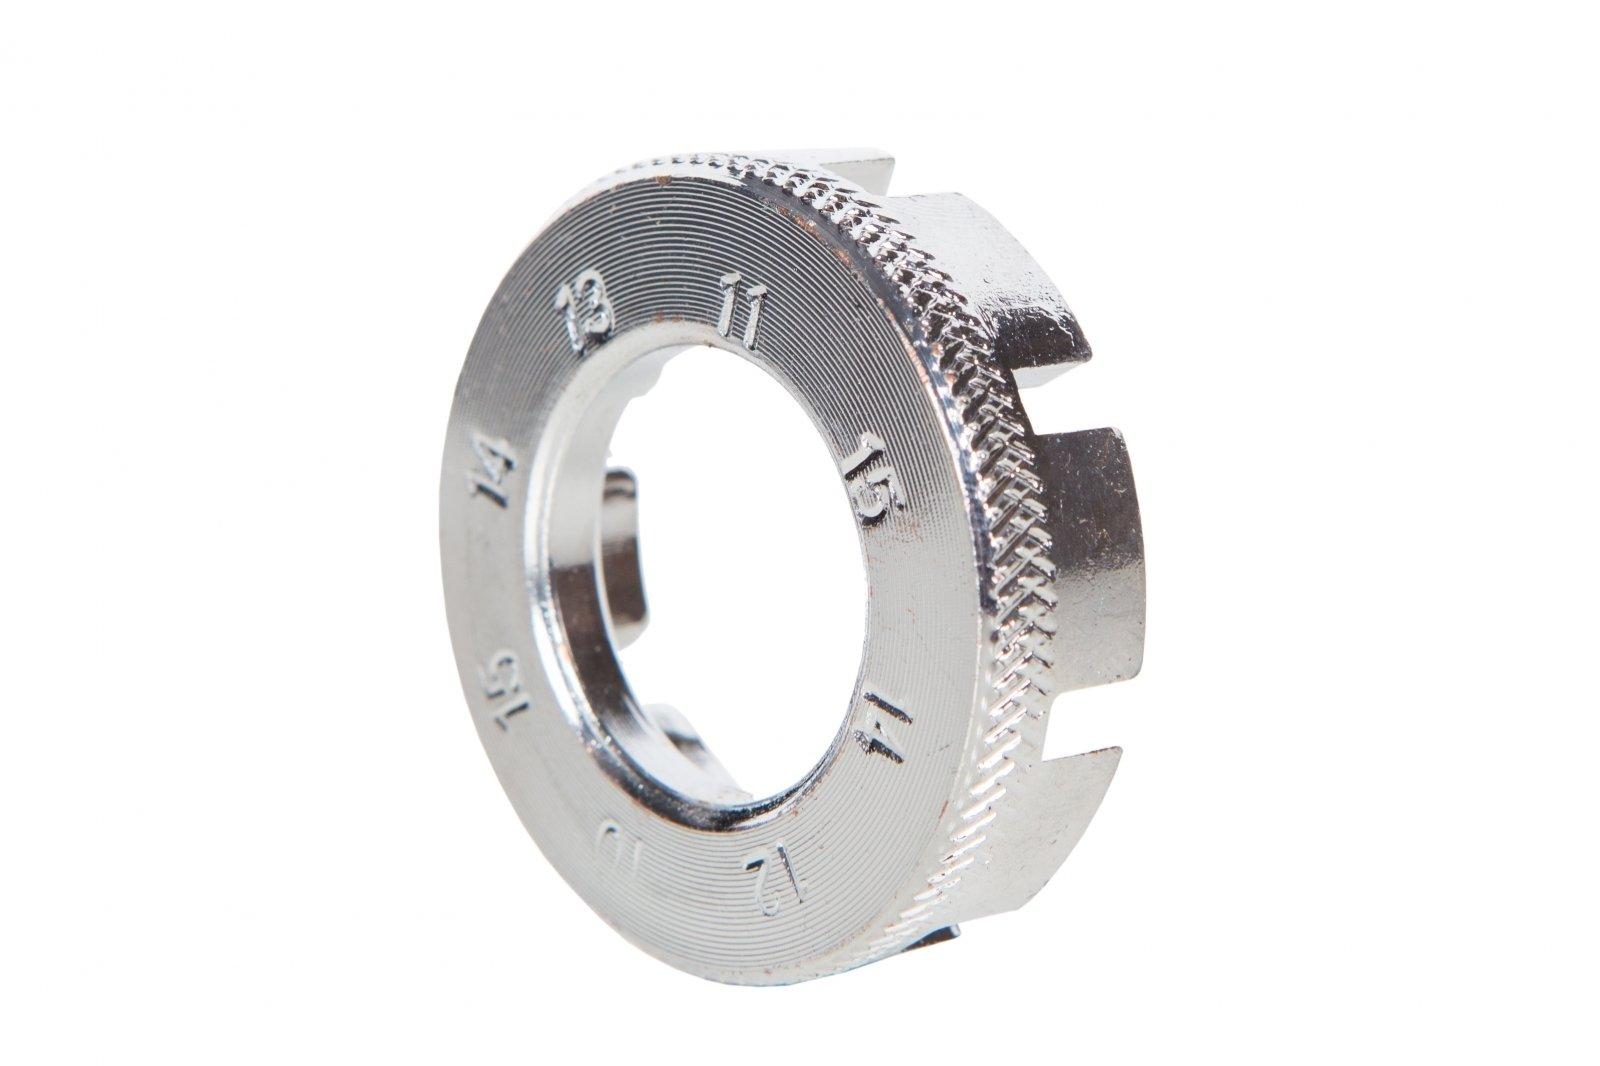 Ключ спицной KL-9726A